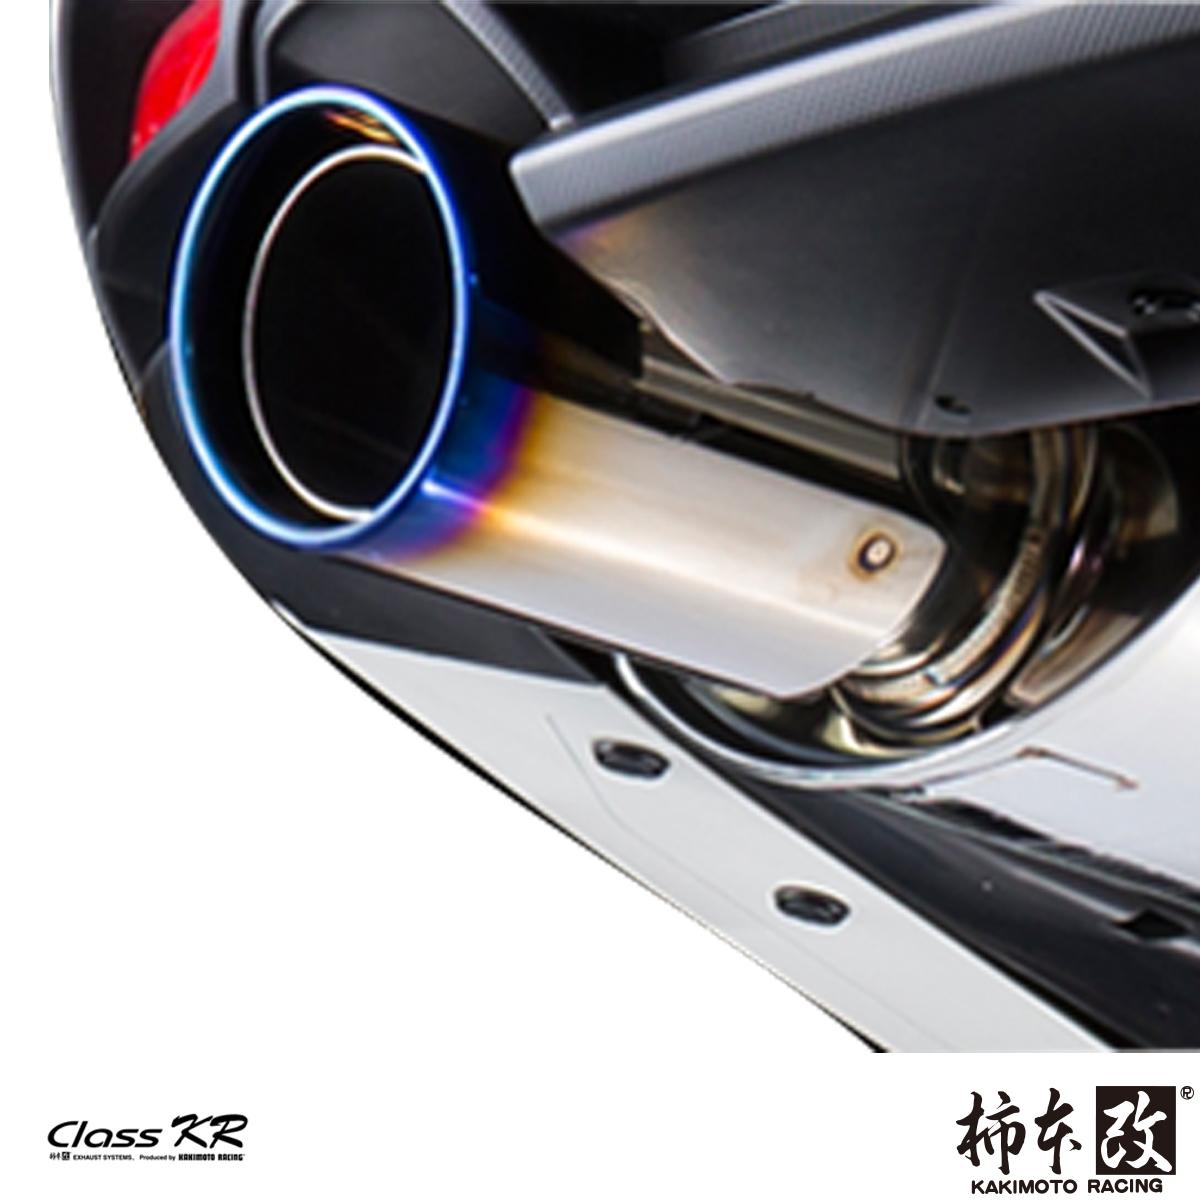 柿本 改 クラスKR エルグランド DBA-PE52 マフラー 品番:N71389 KAKIMOTO RACING Class KR 配送先条件有り